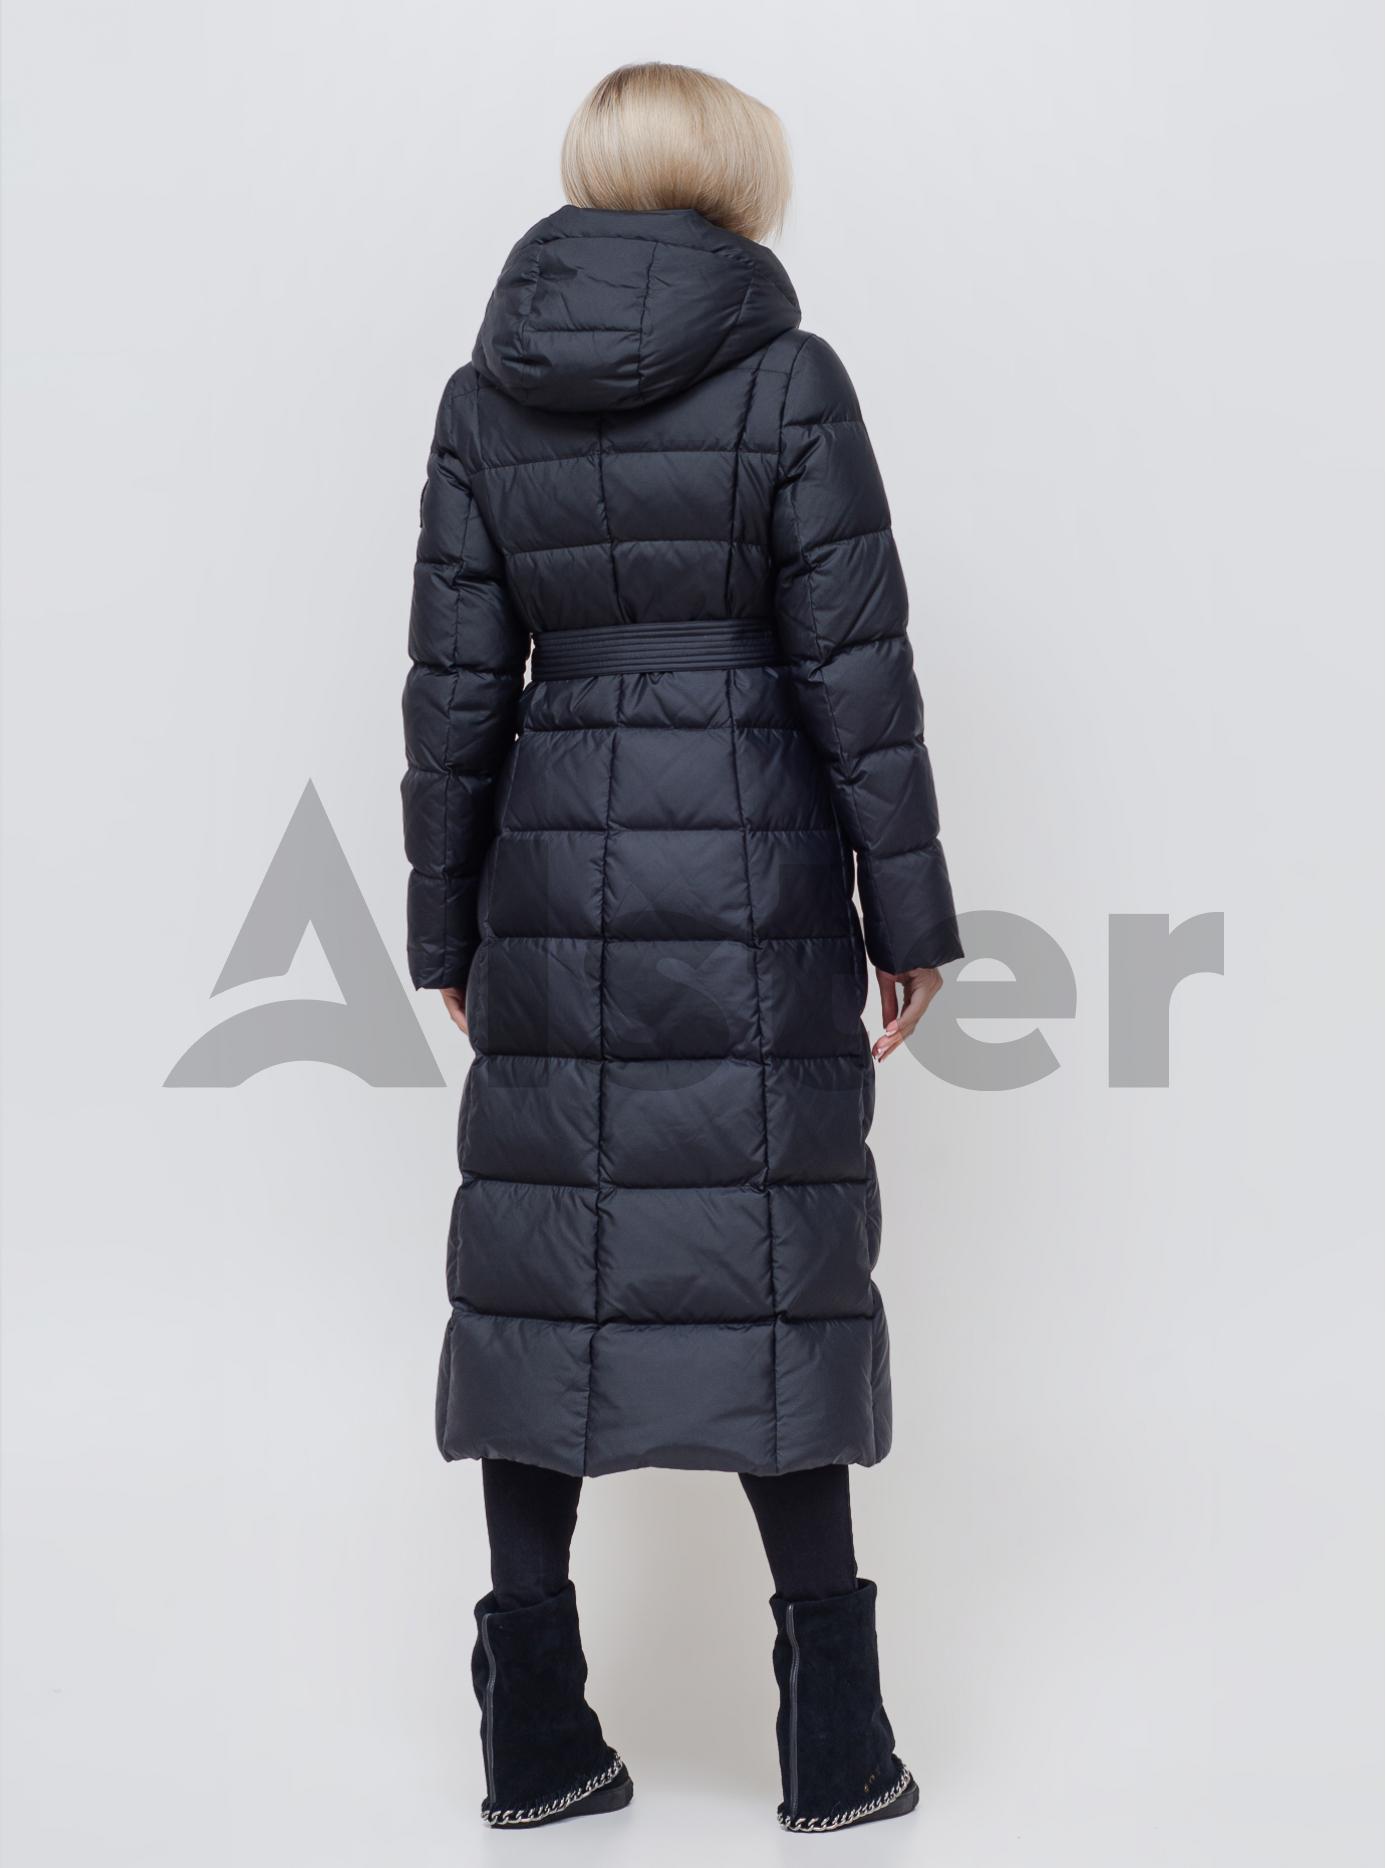 Пуховик зимовий довгий з поясом Чорний 2XL (01-N200548): фото - Alster.ua